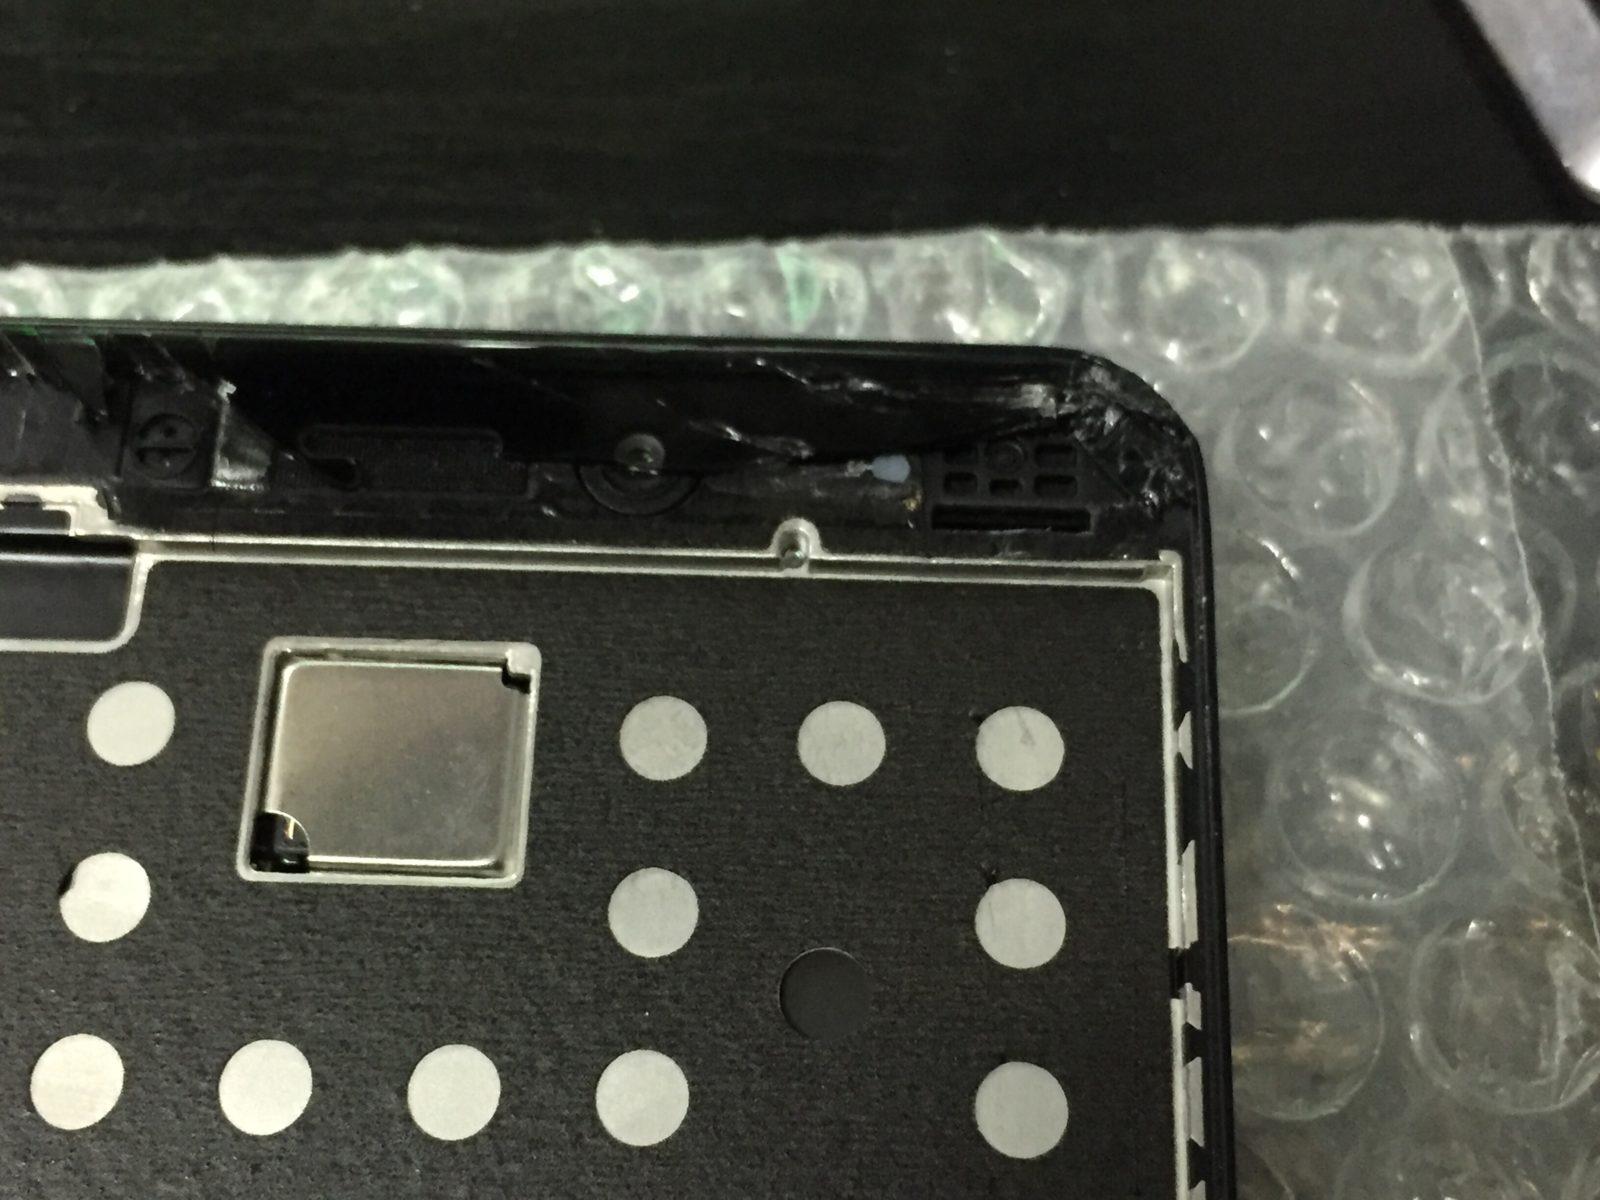 Как мы в Xiaomi Redmi Note 4x устанавливали дисплей от Redmi note 4